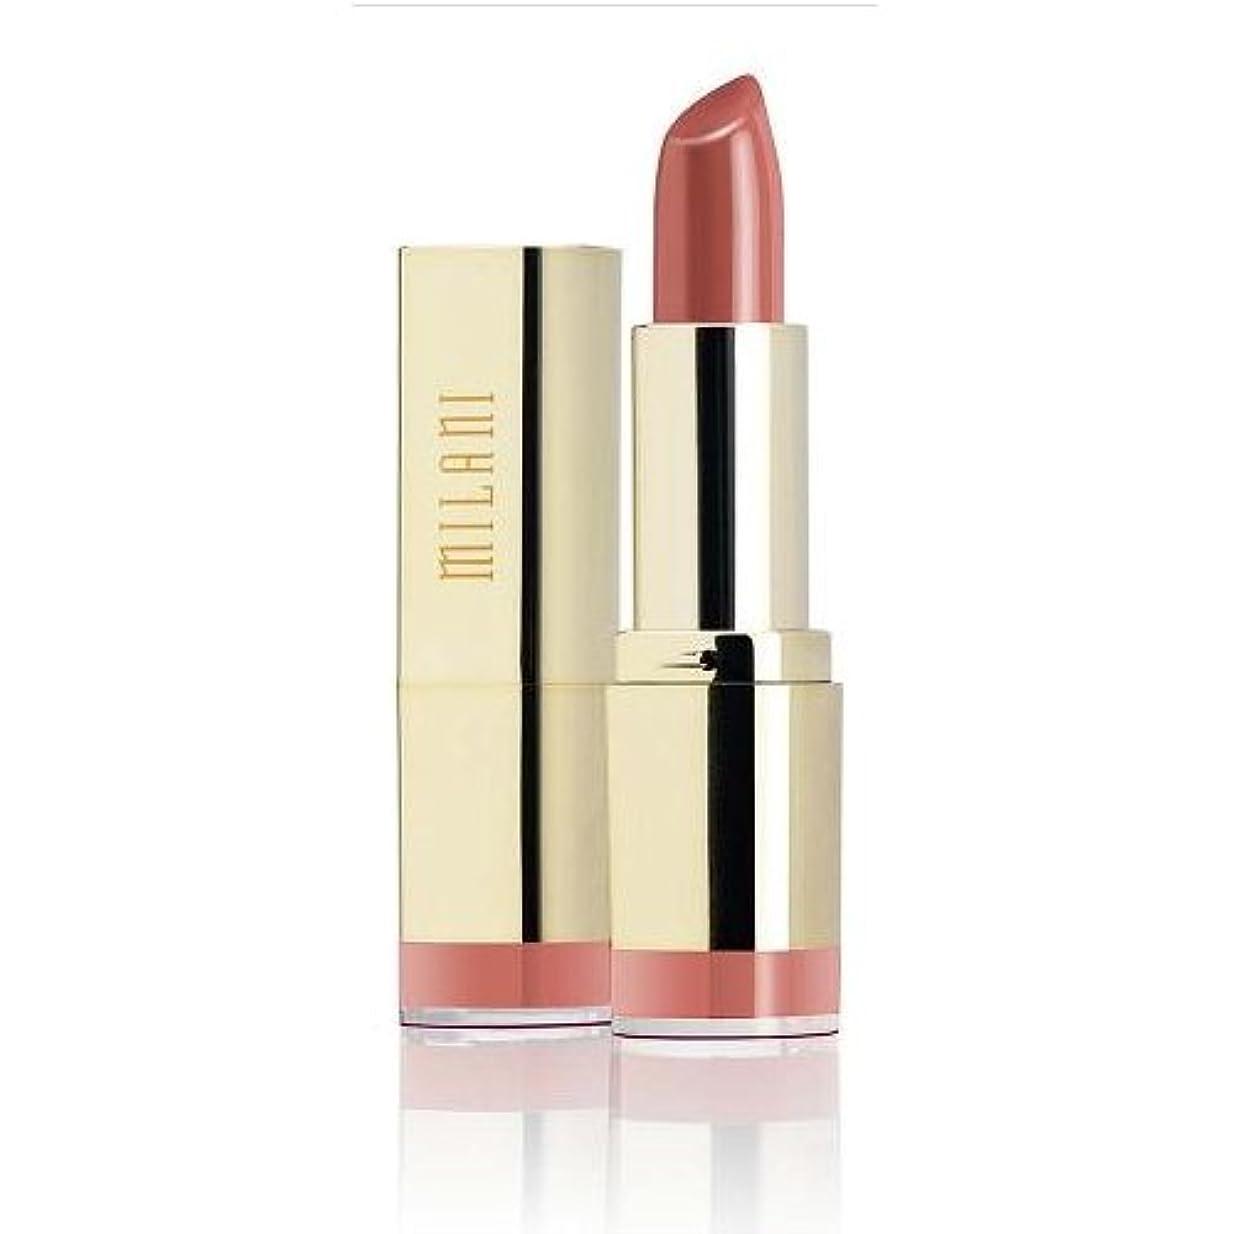 違反する民間人混雑(3 Pack) MILANI Color Statement Lipstick - Naturally Chic (並行輸入品)